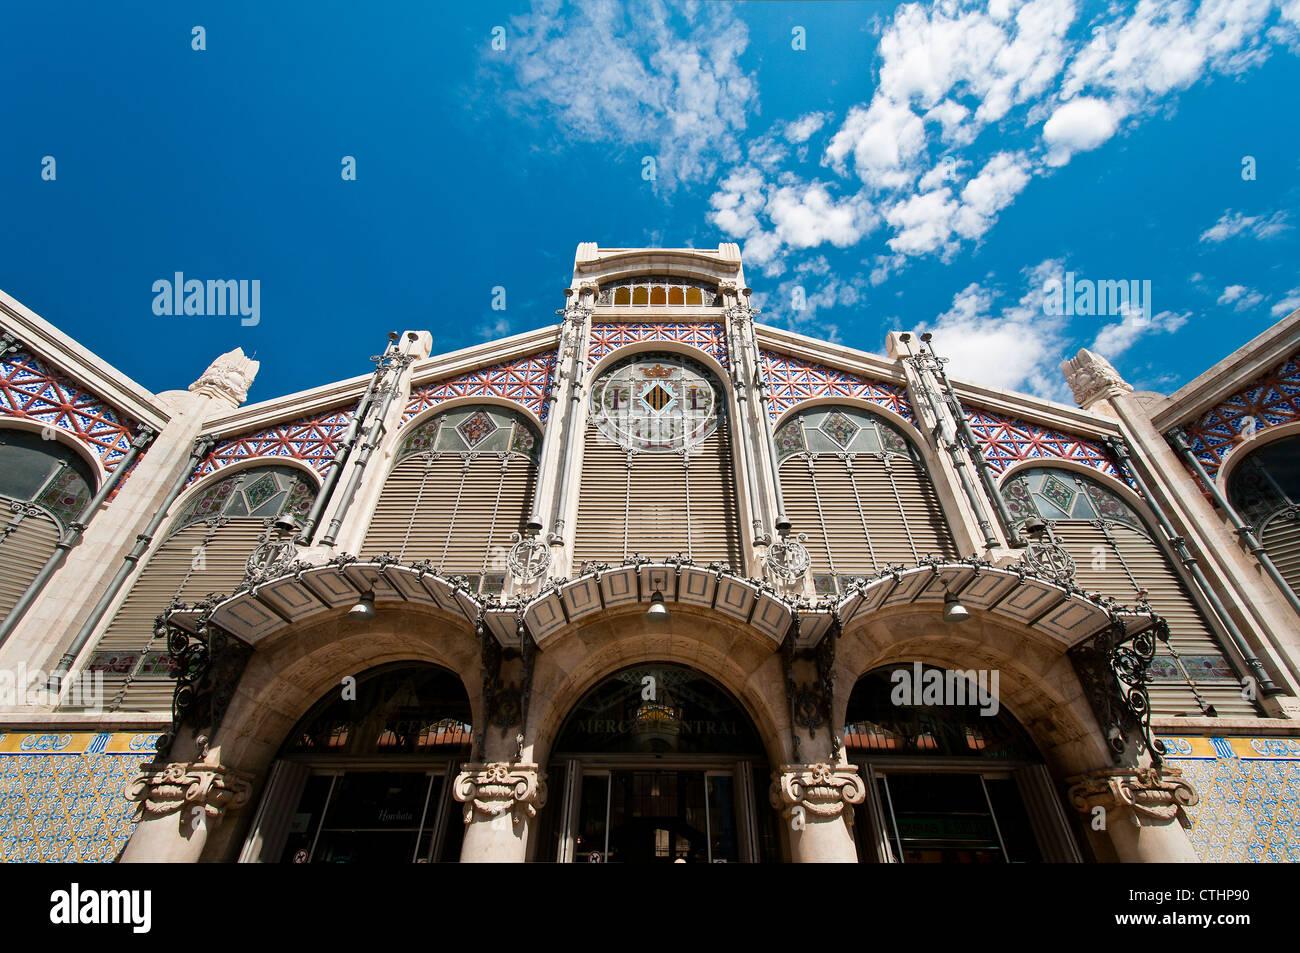 Mercado Central (Central Market), Valencia, Spain - Stock Image